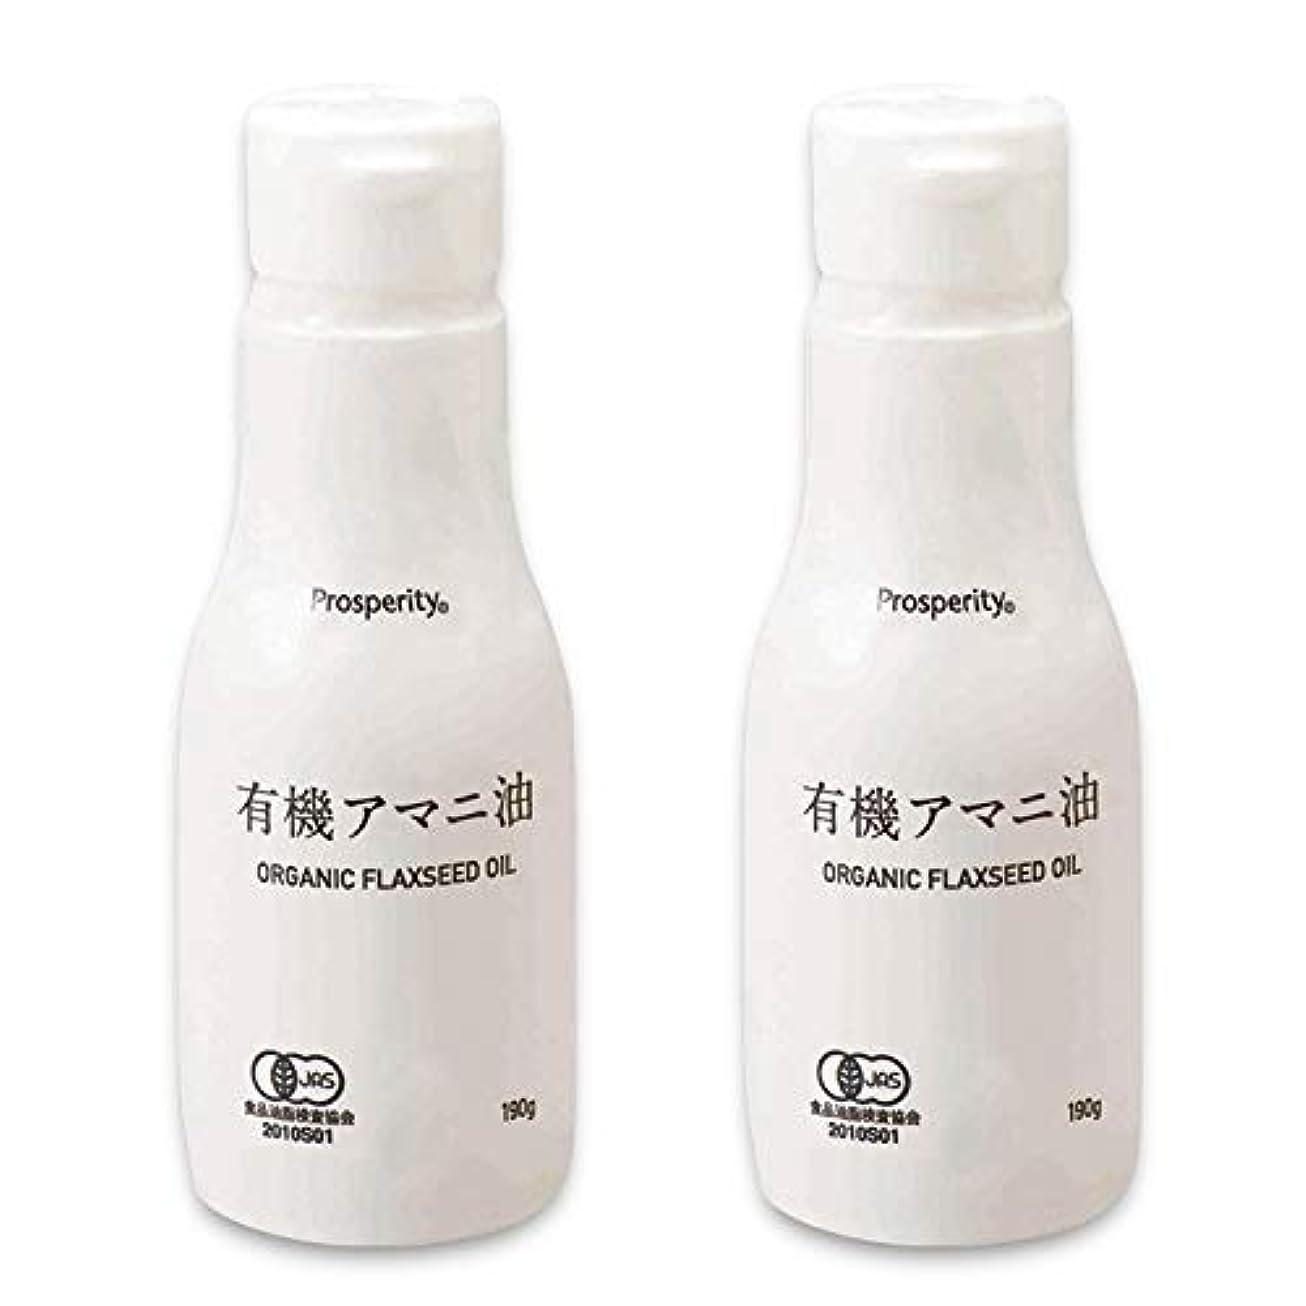 バウンスアダルト恐怖症プロスペリティ 有機アマニ油(二重構造ボトル) 190g 2個セット